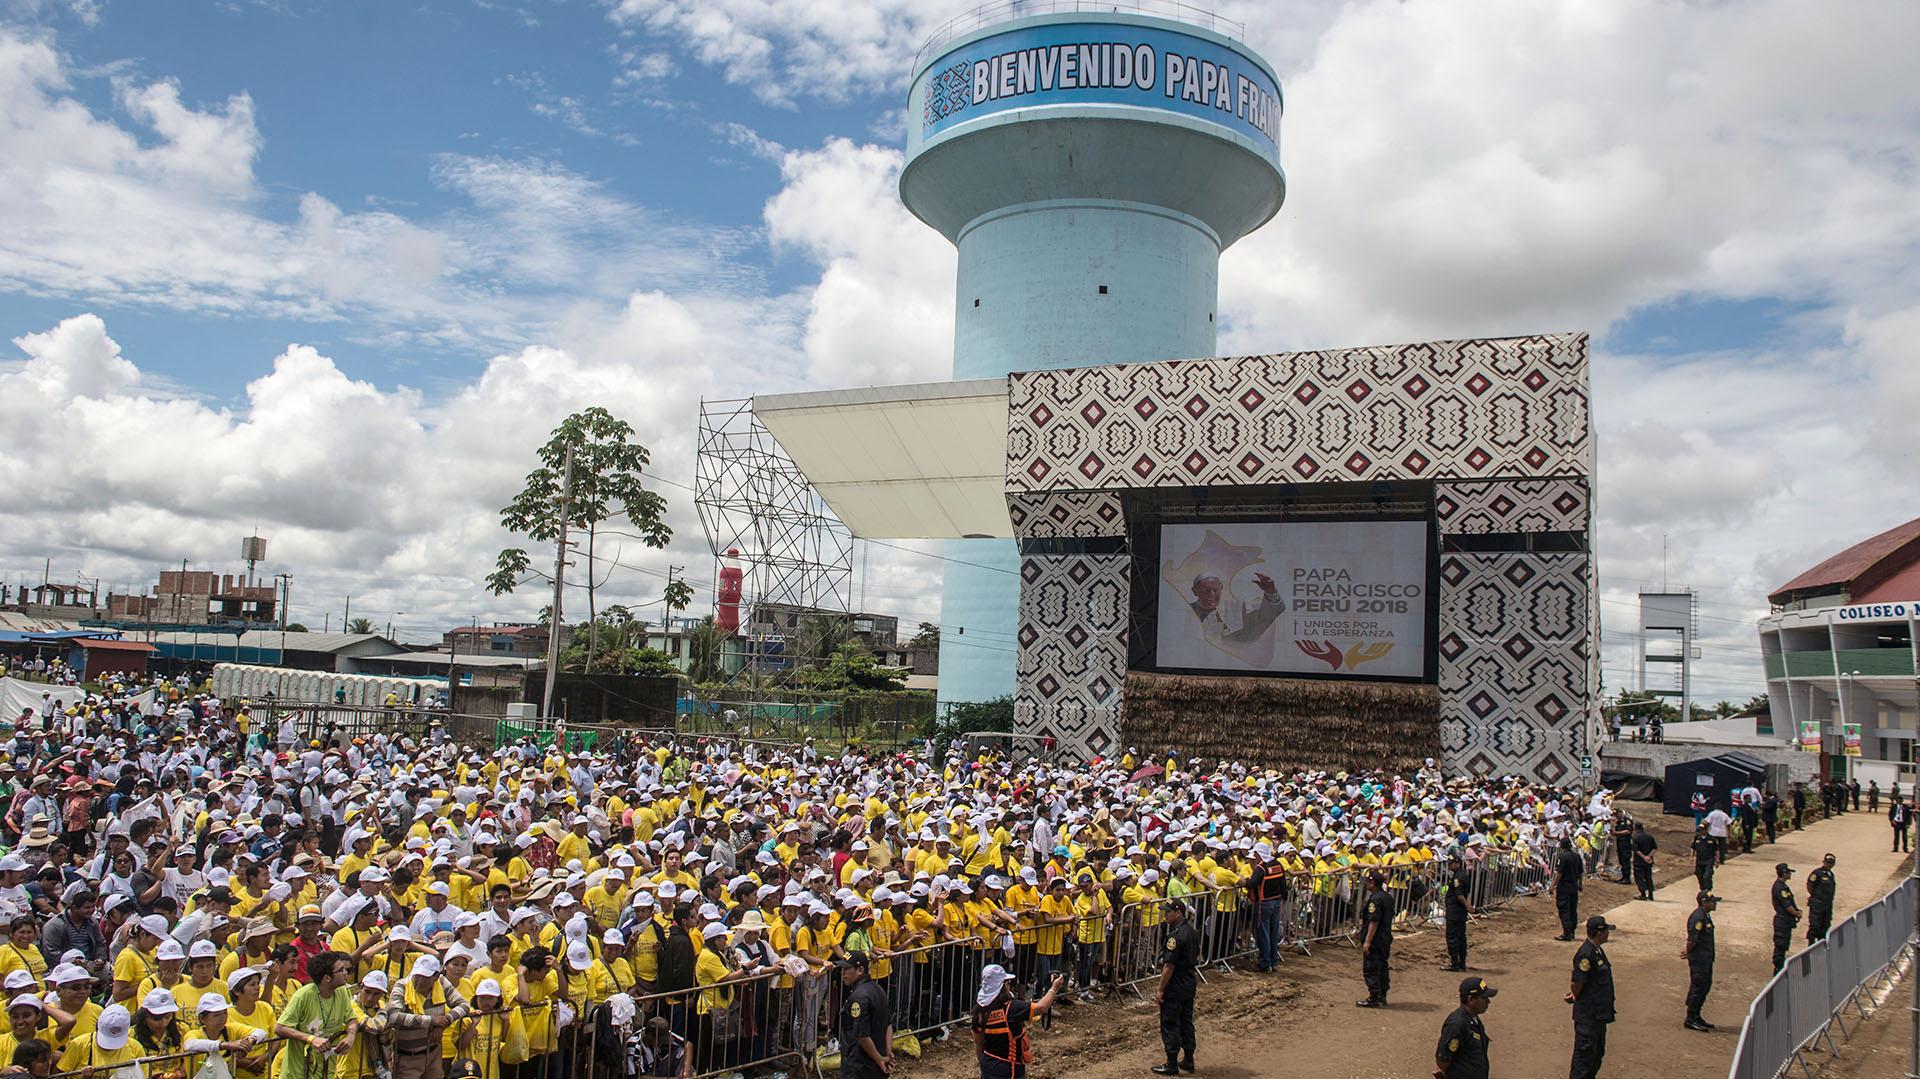 La recepción al papa Francisco en Puerto Maldonado fue masiva, a pesar de la escasa población de este poblado amazónico en Perú